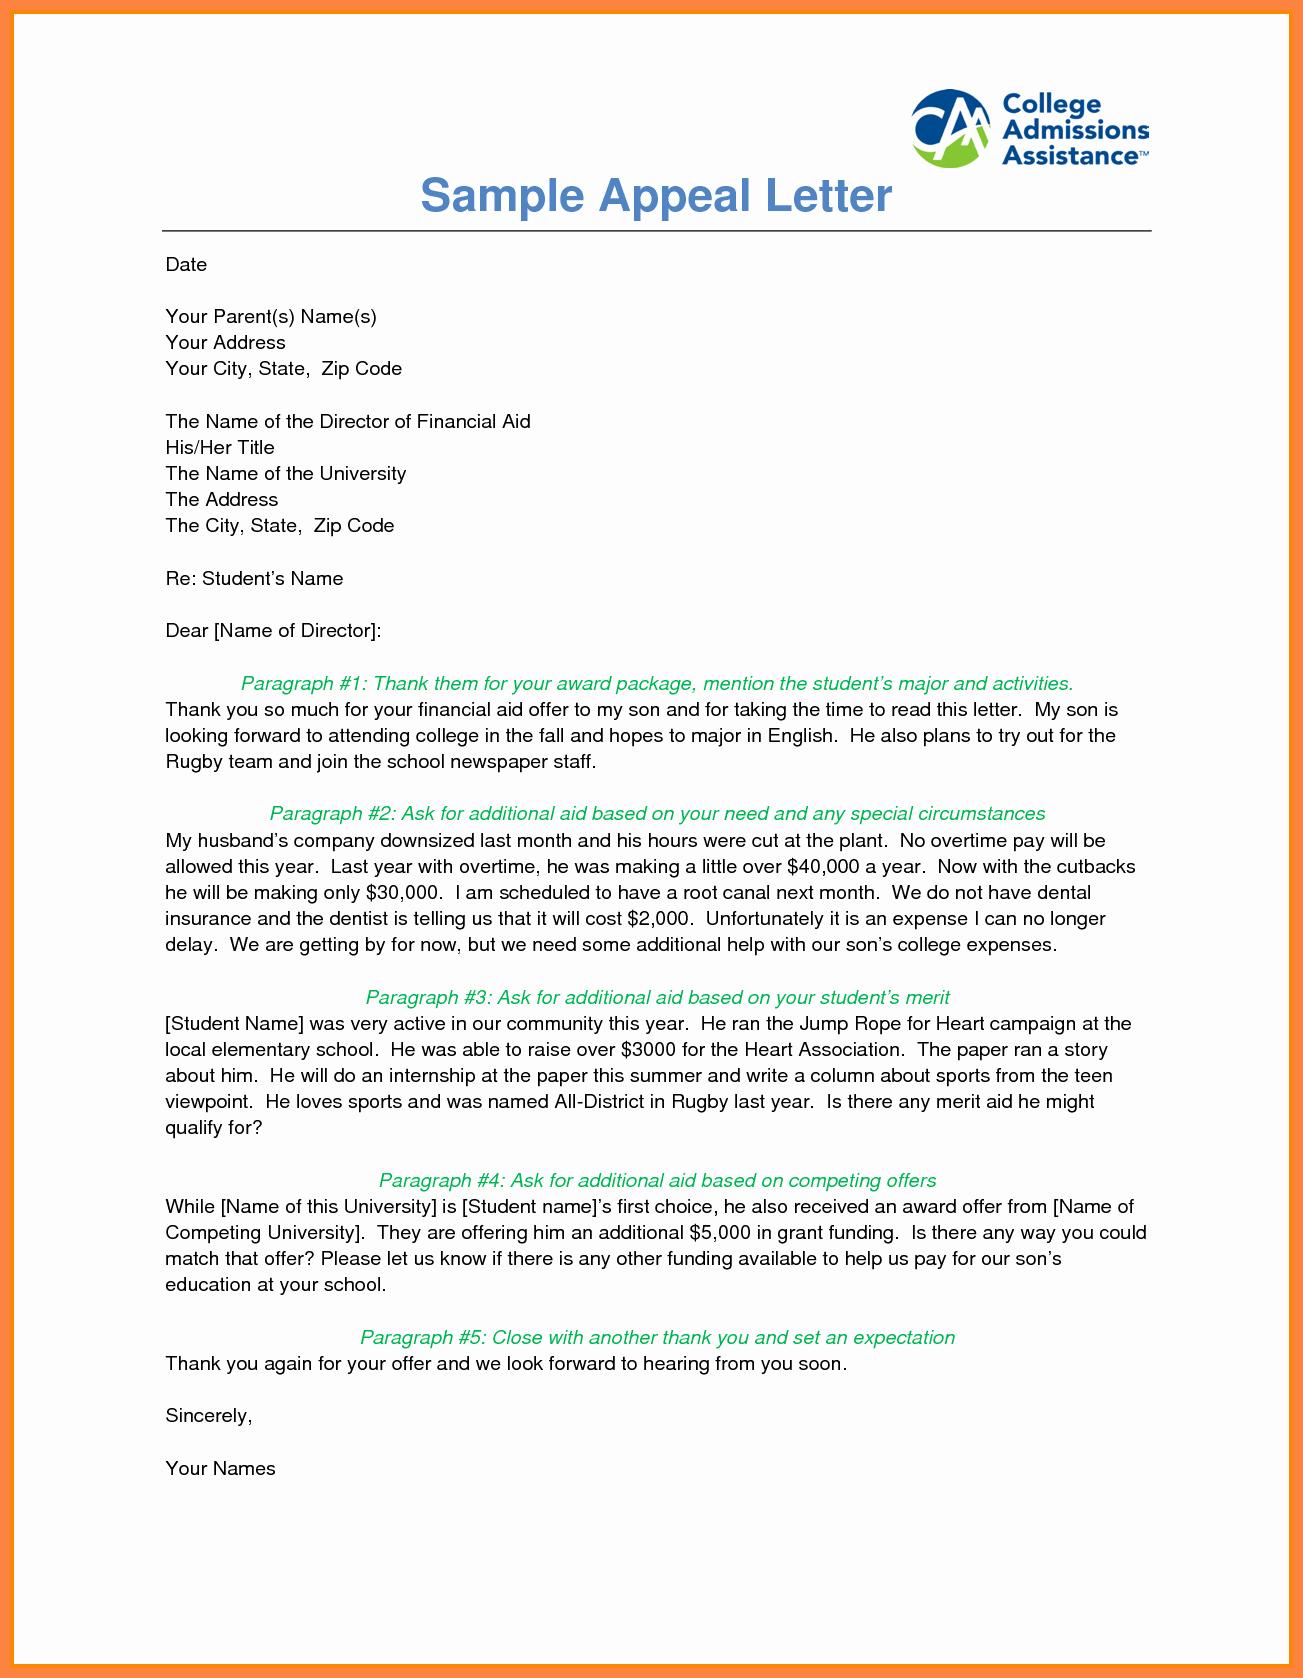 Sap Appeal Letter Example Unique 7 Sap Appeal Letter